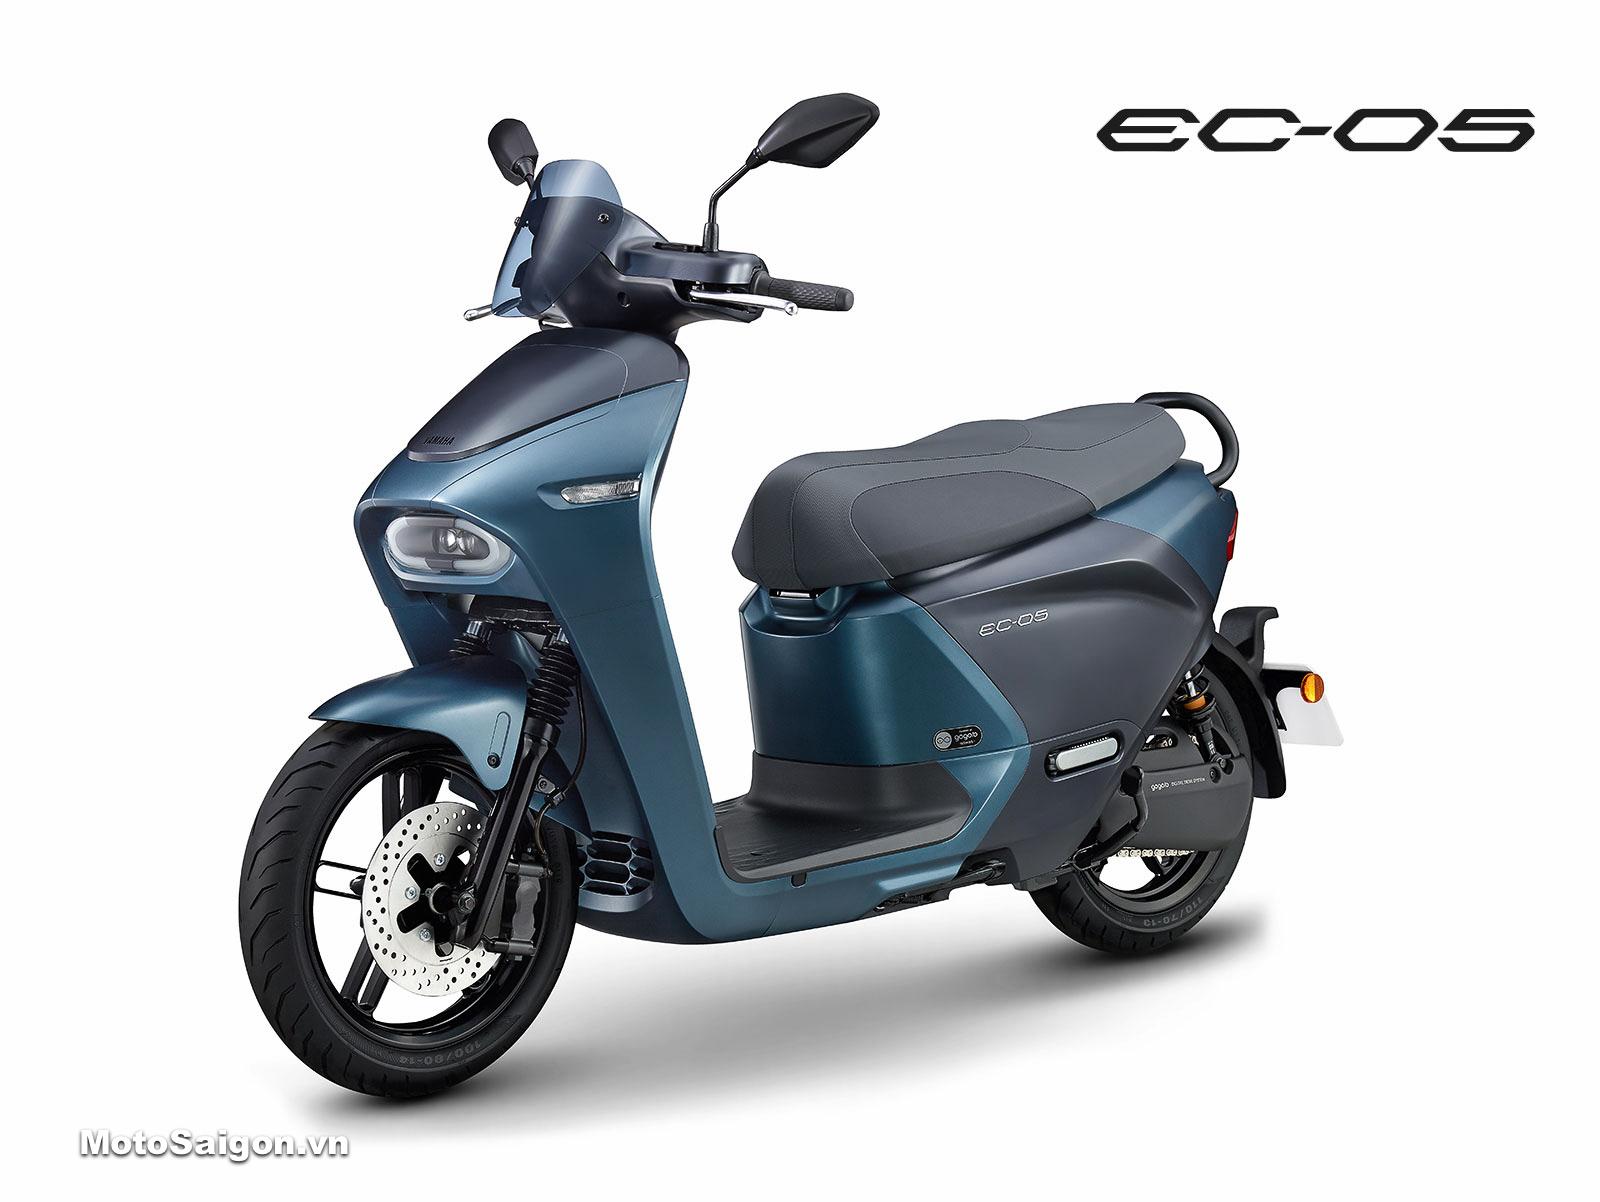 Yamaha EC-05 mẫu xe máy điện dành cho đô thị đã có giá bán